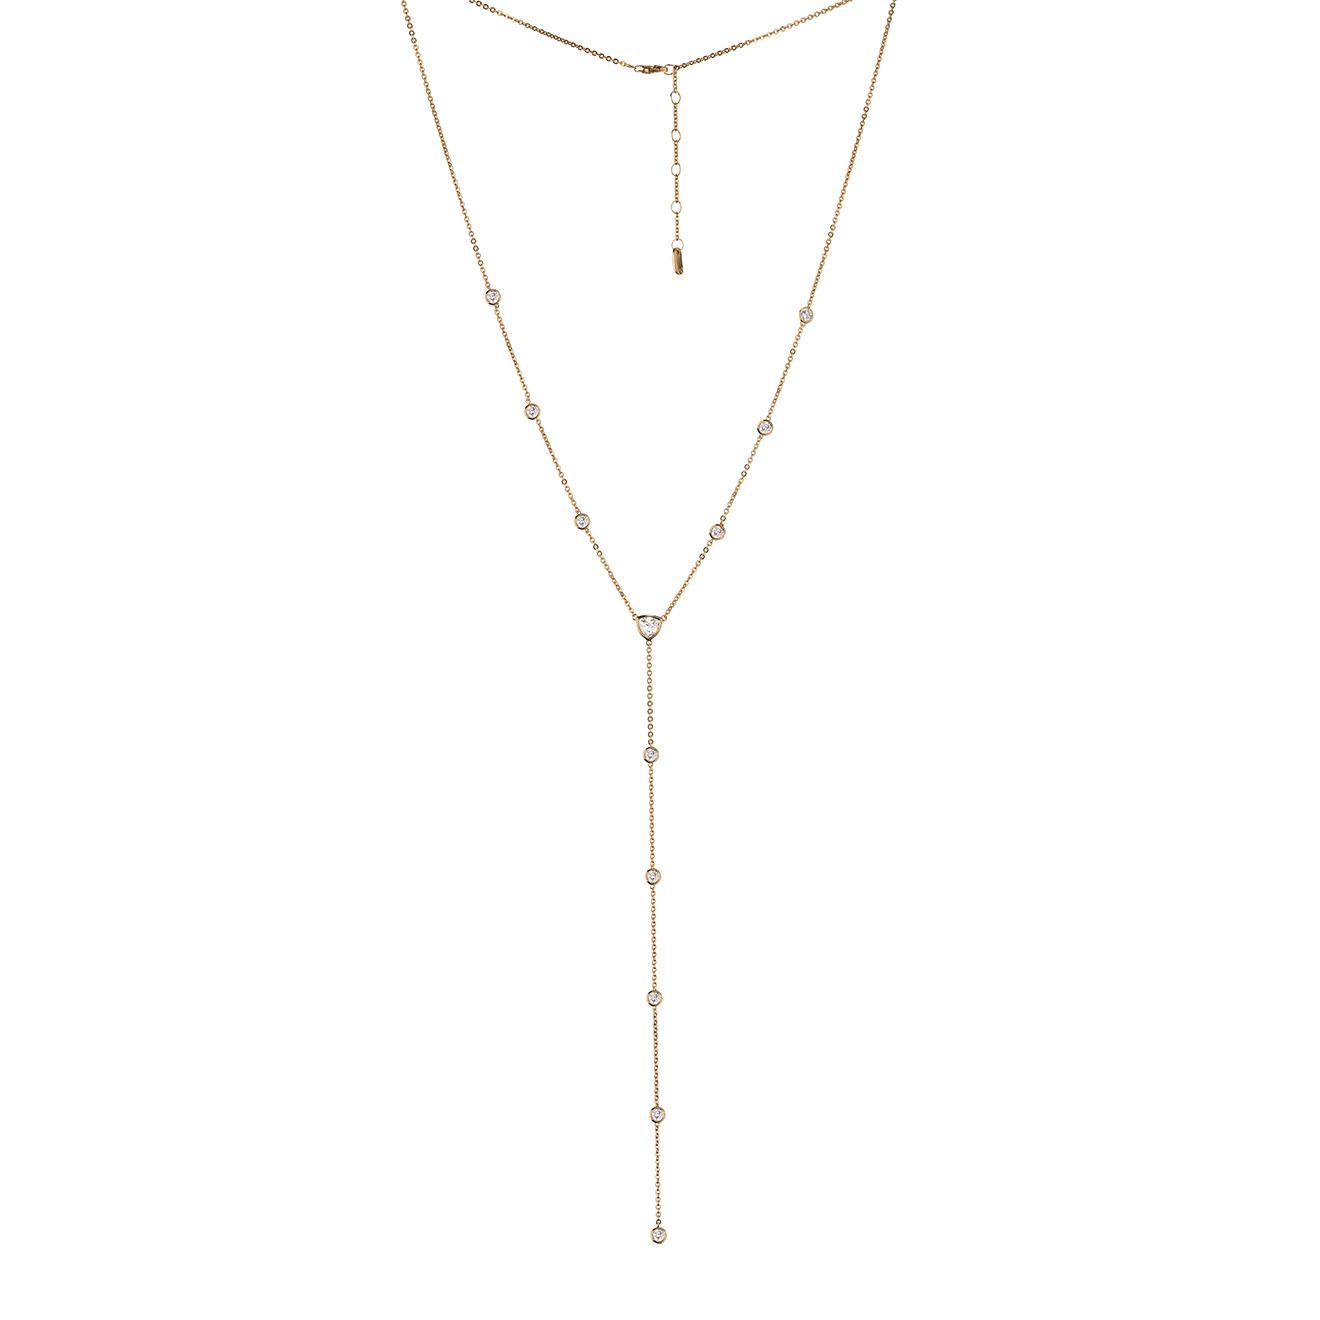 MiEstilo Позолоченное колье-галстук из серебра с фианитами